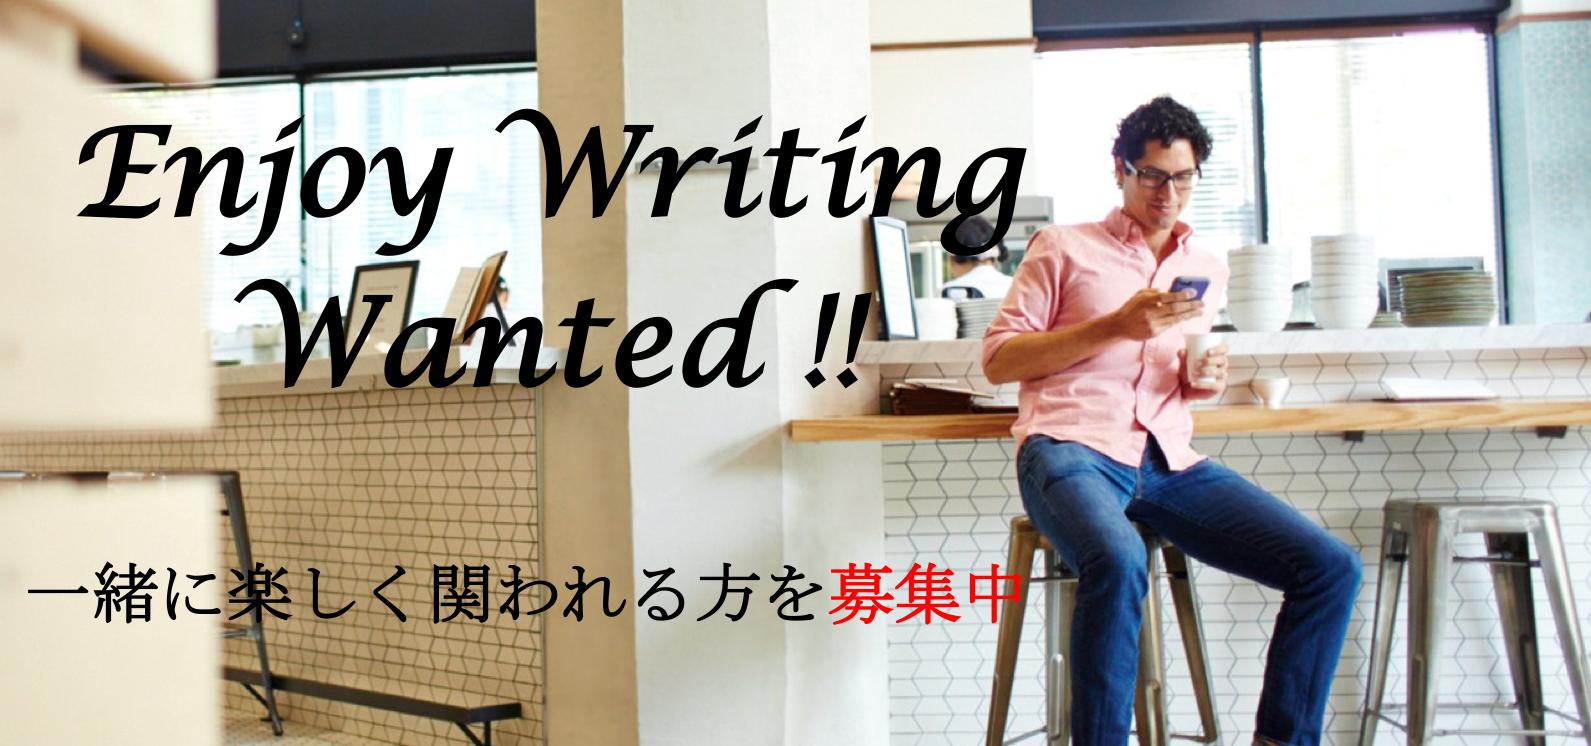 Enjoy Writing Wanted !!